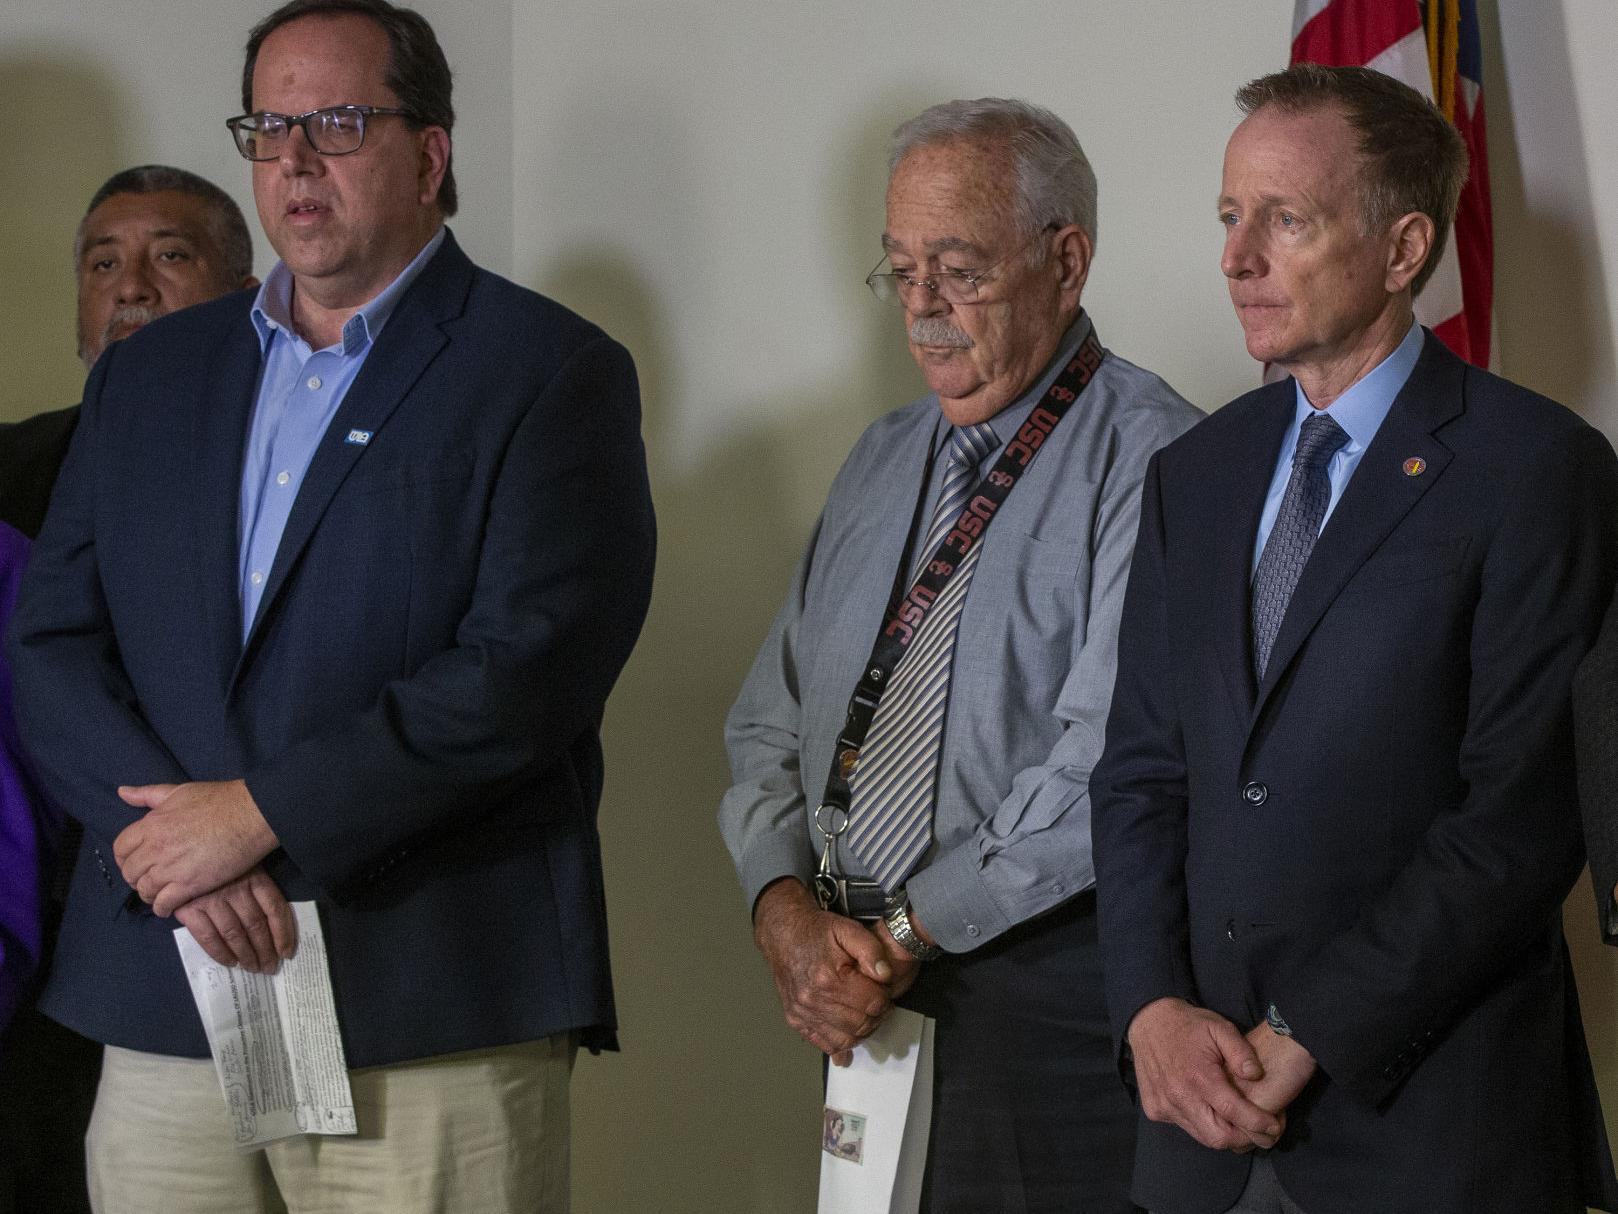 La Teachers Union Says Public Schools Should Not Reopen Unless Demands Are Met California Thecentersquare Com